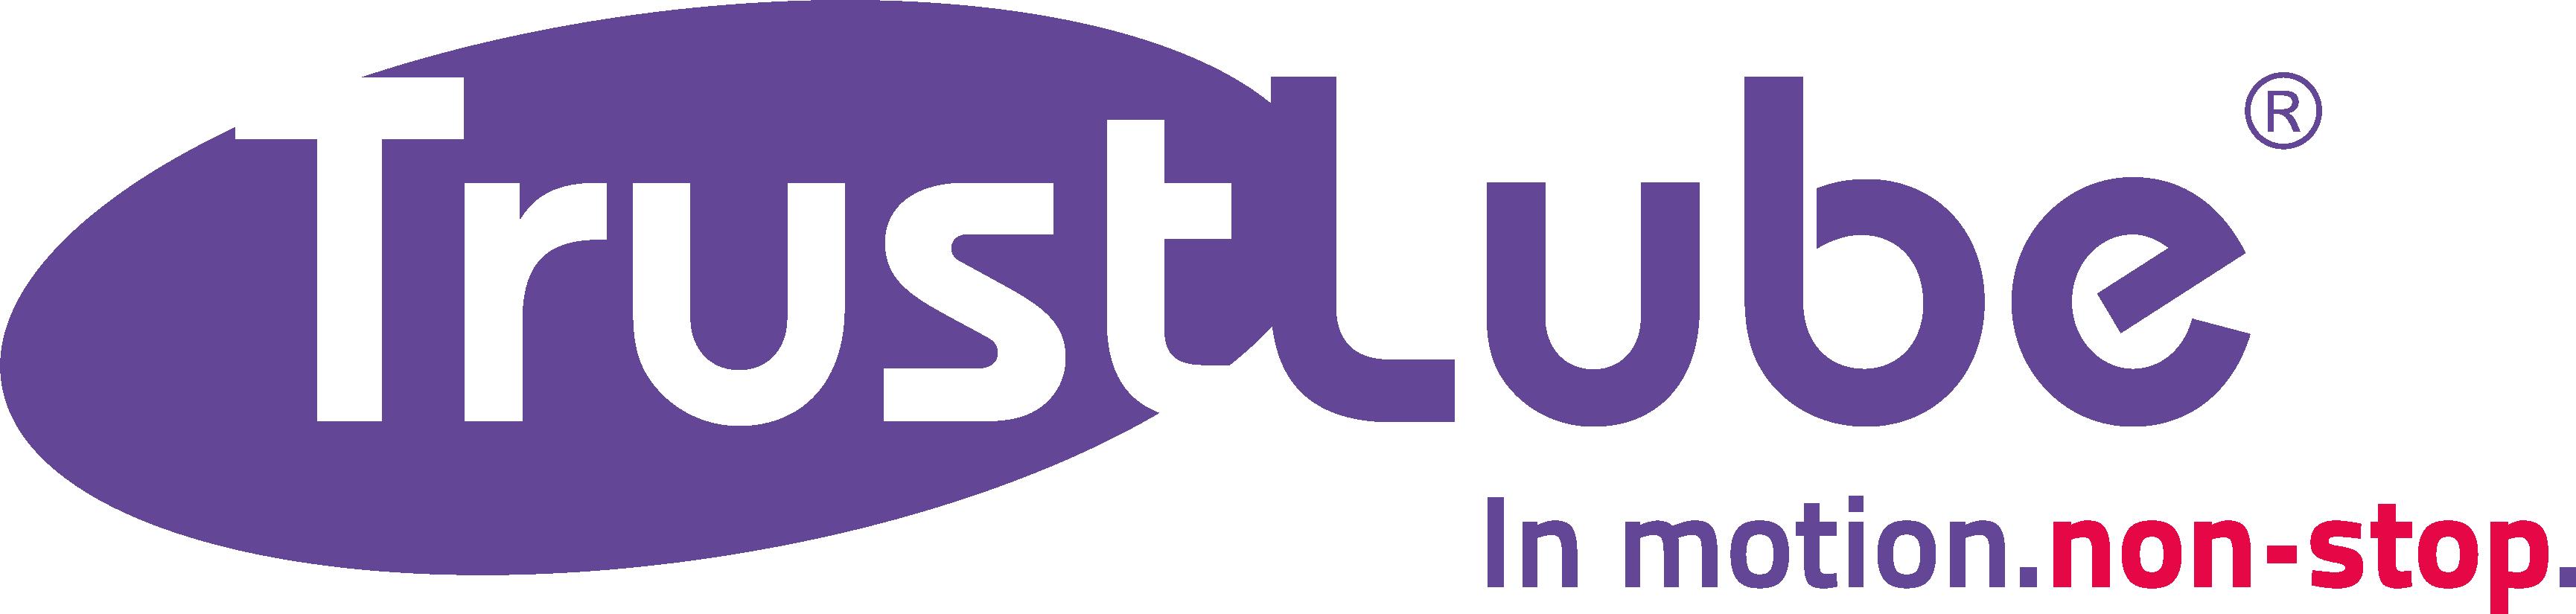 Trustlube-logo-2019